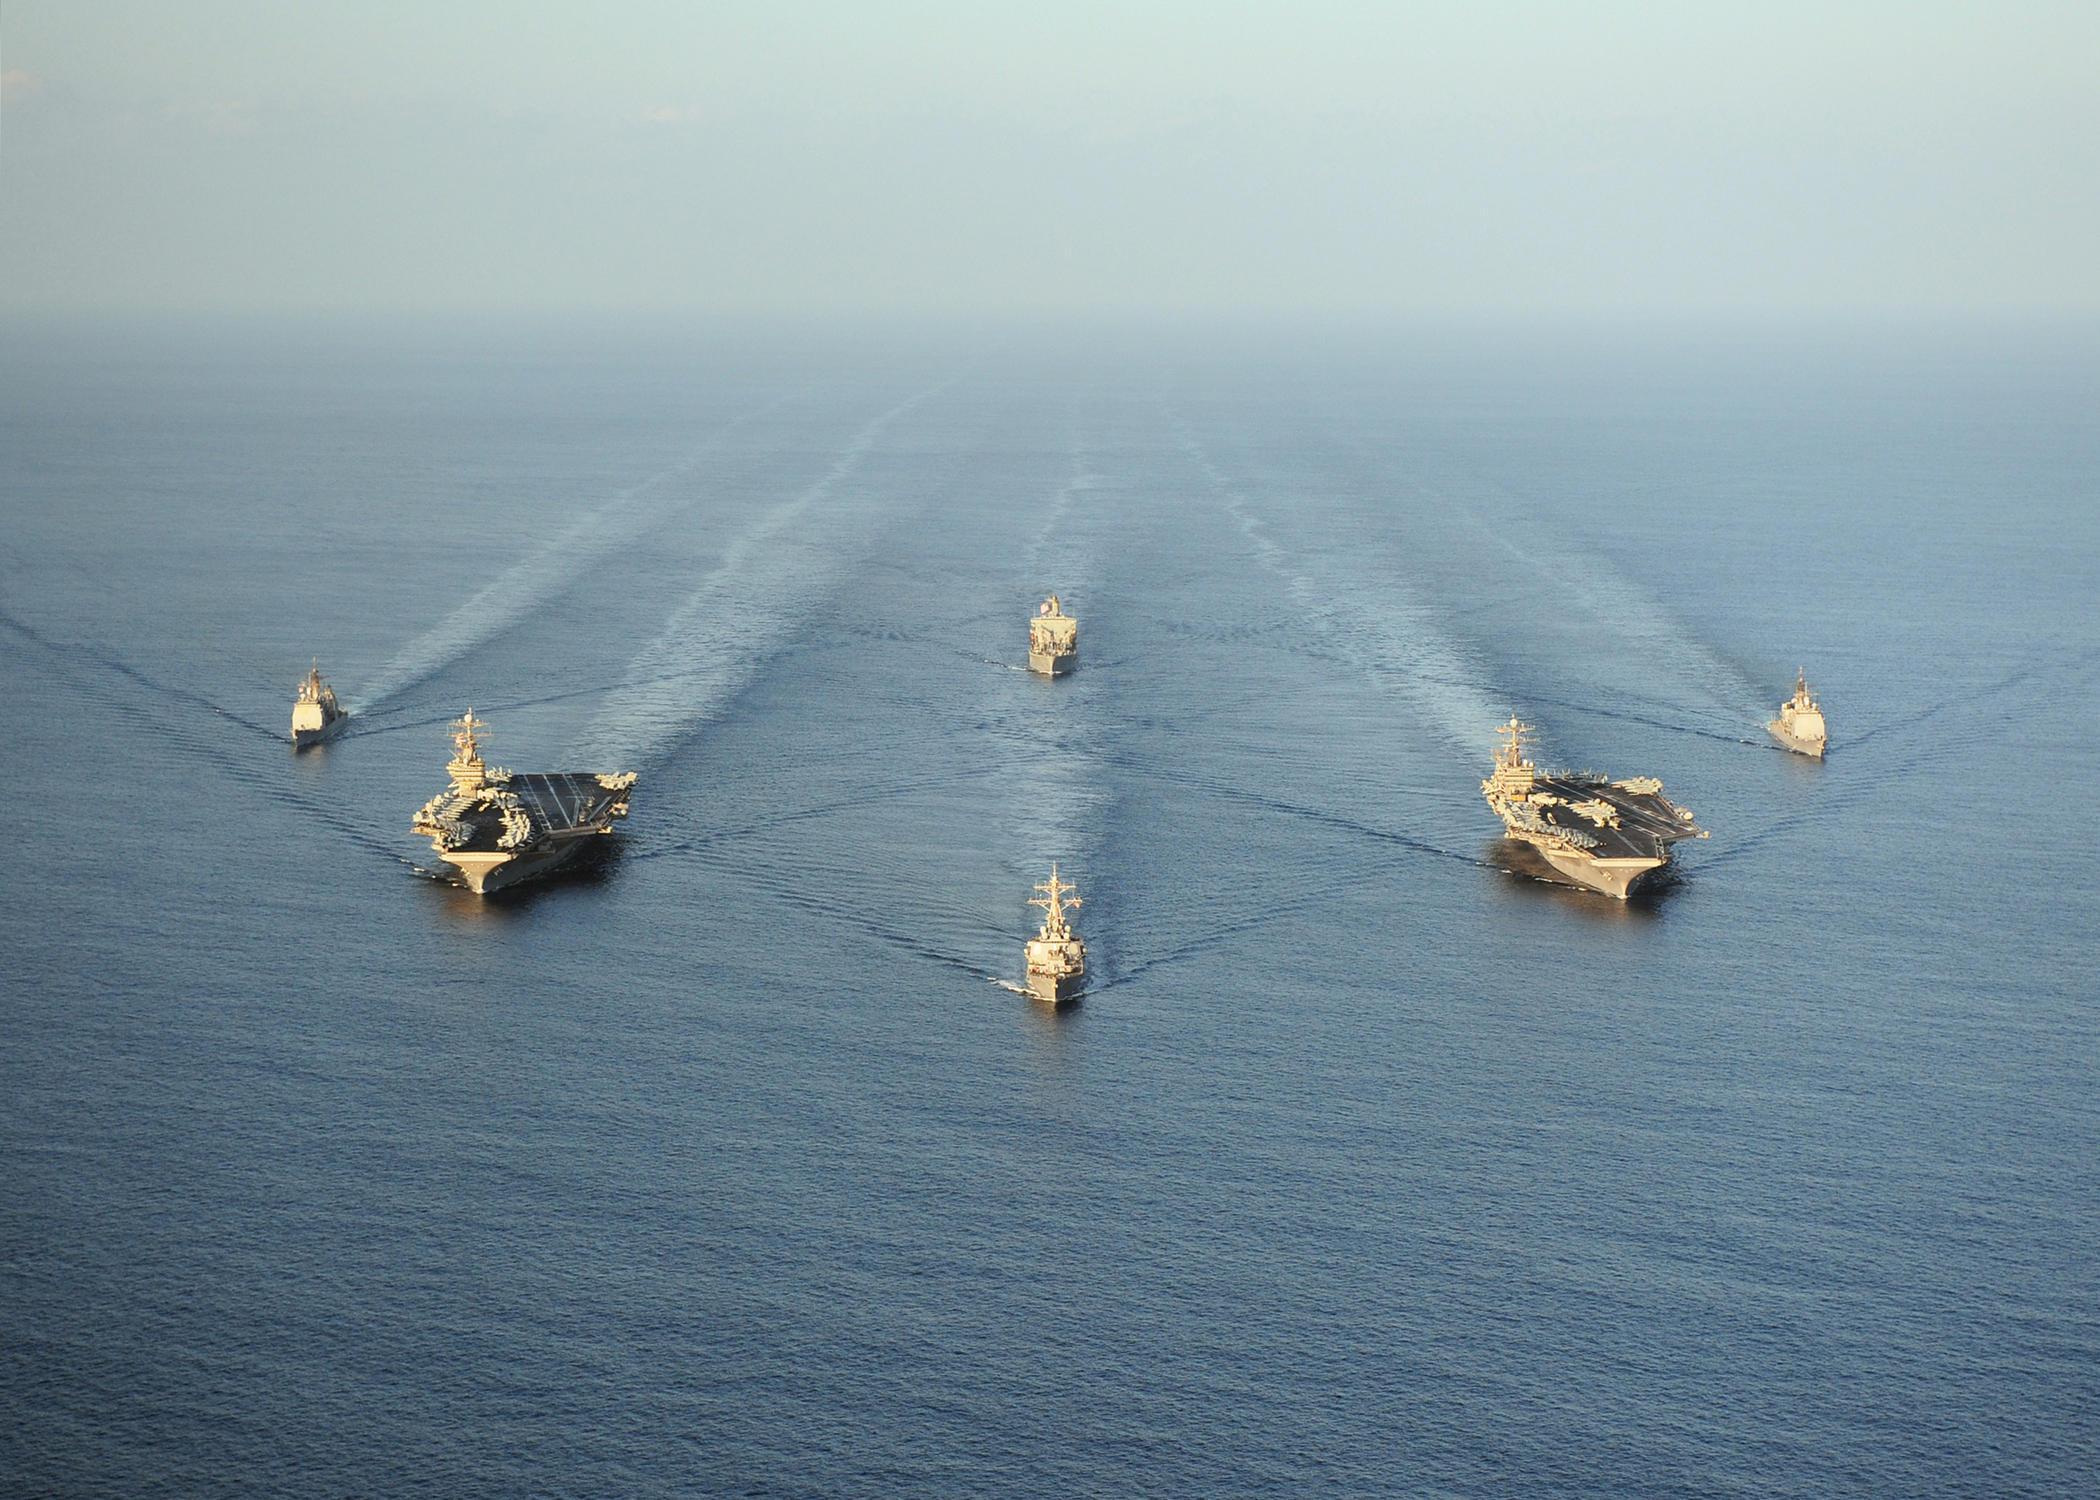 美国加强在中东军事戒备应对局势 将部署两艘航母